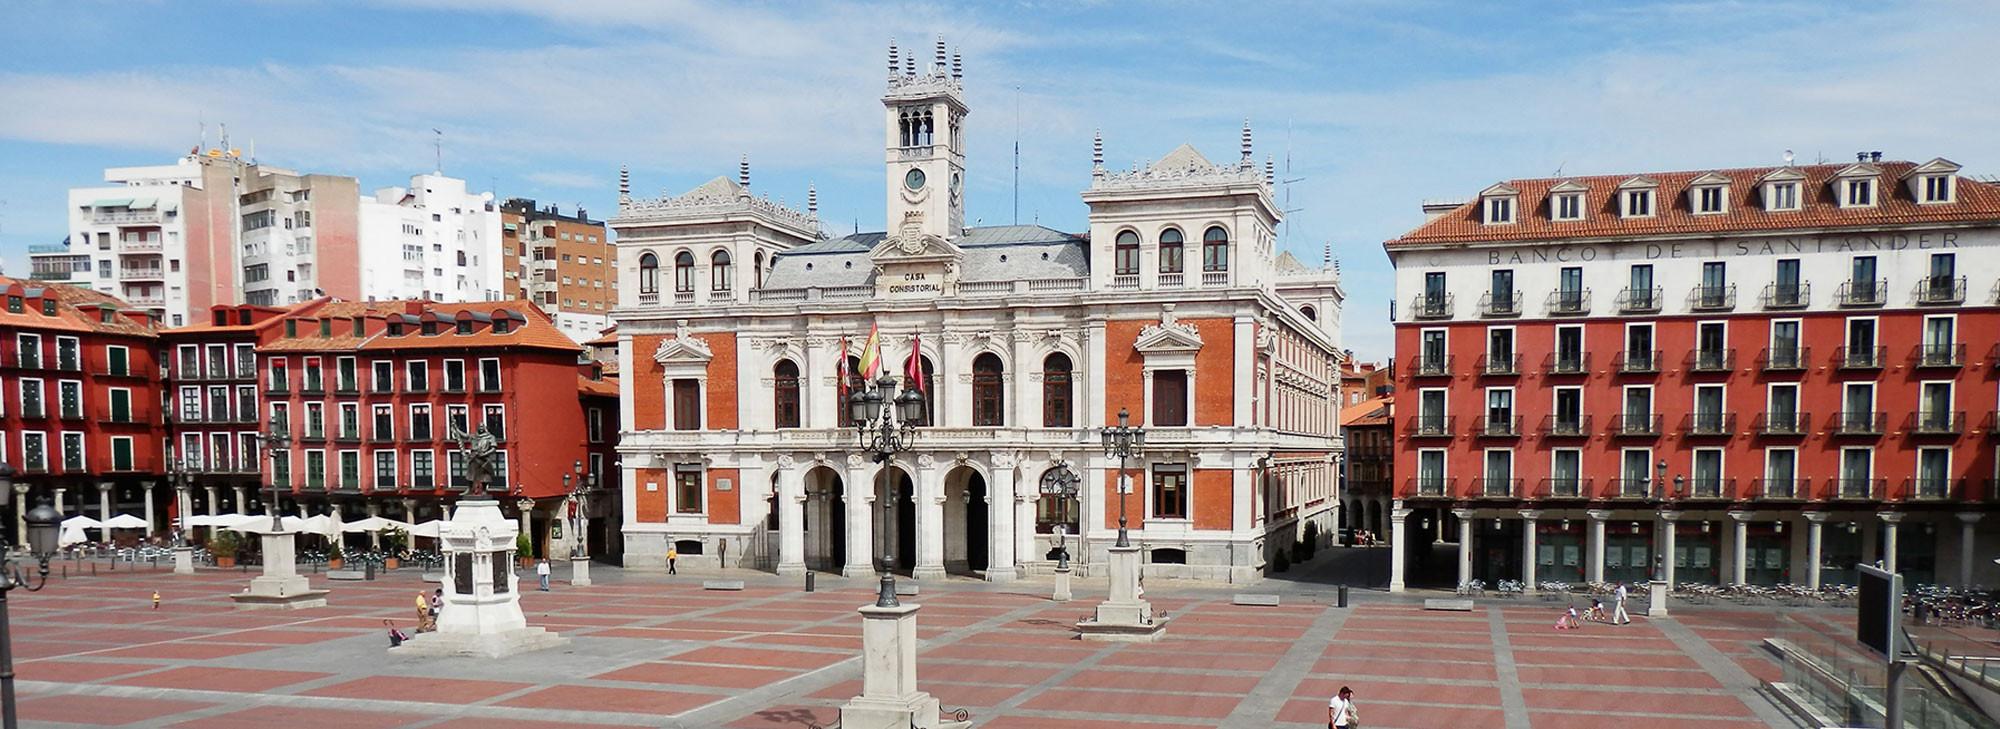 Sede Valladolid